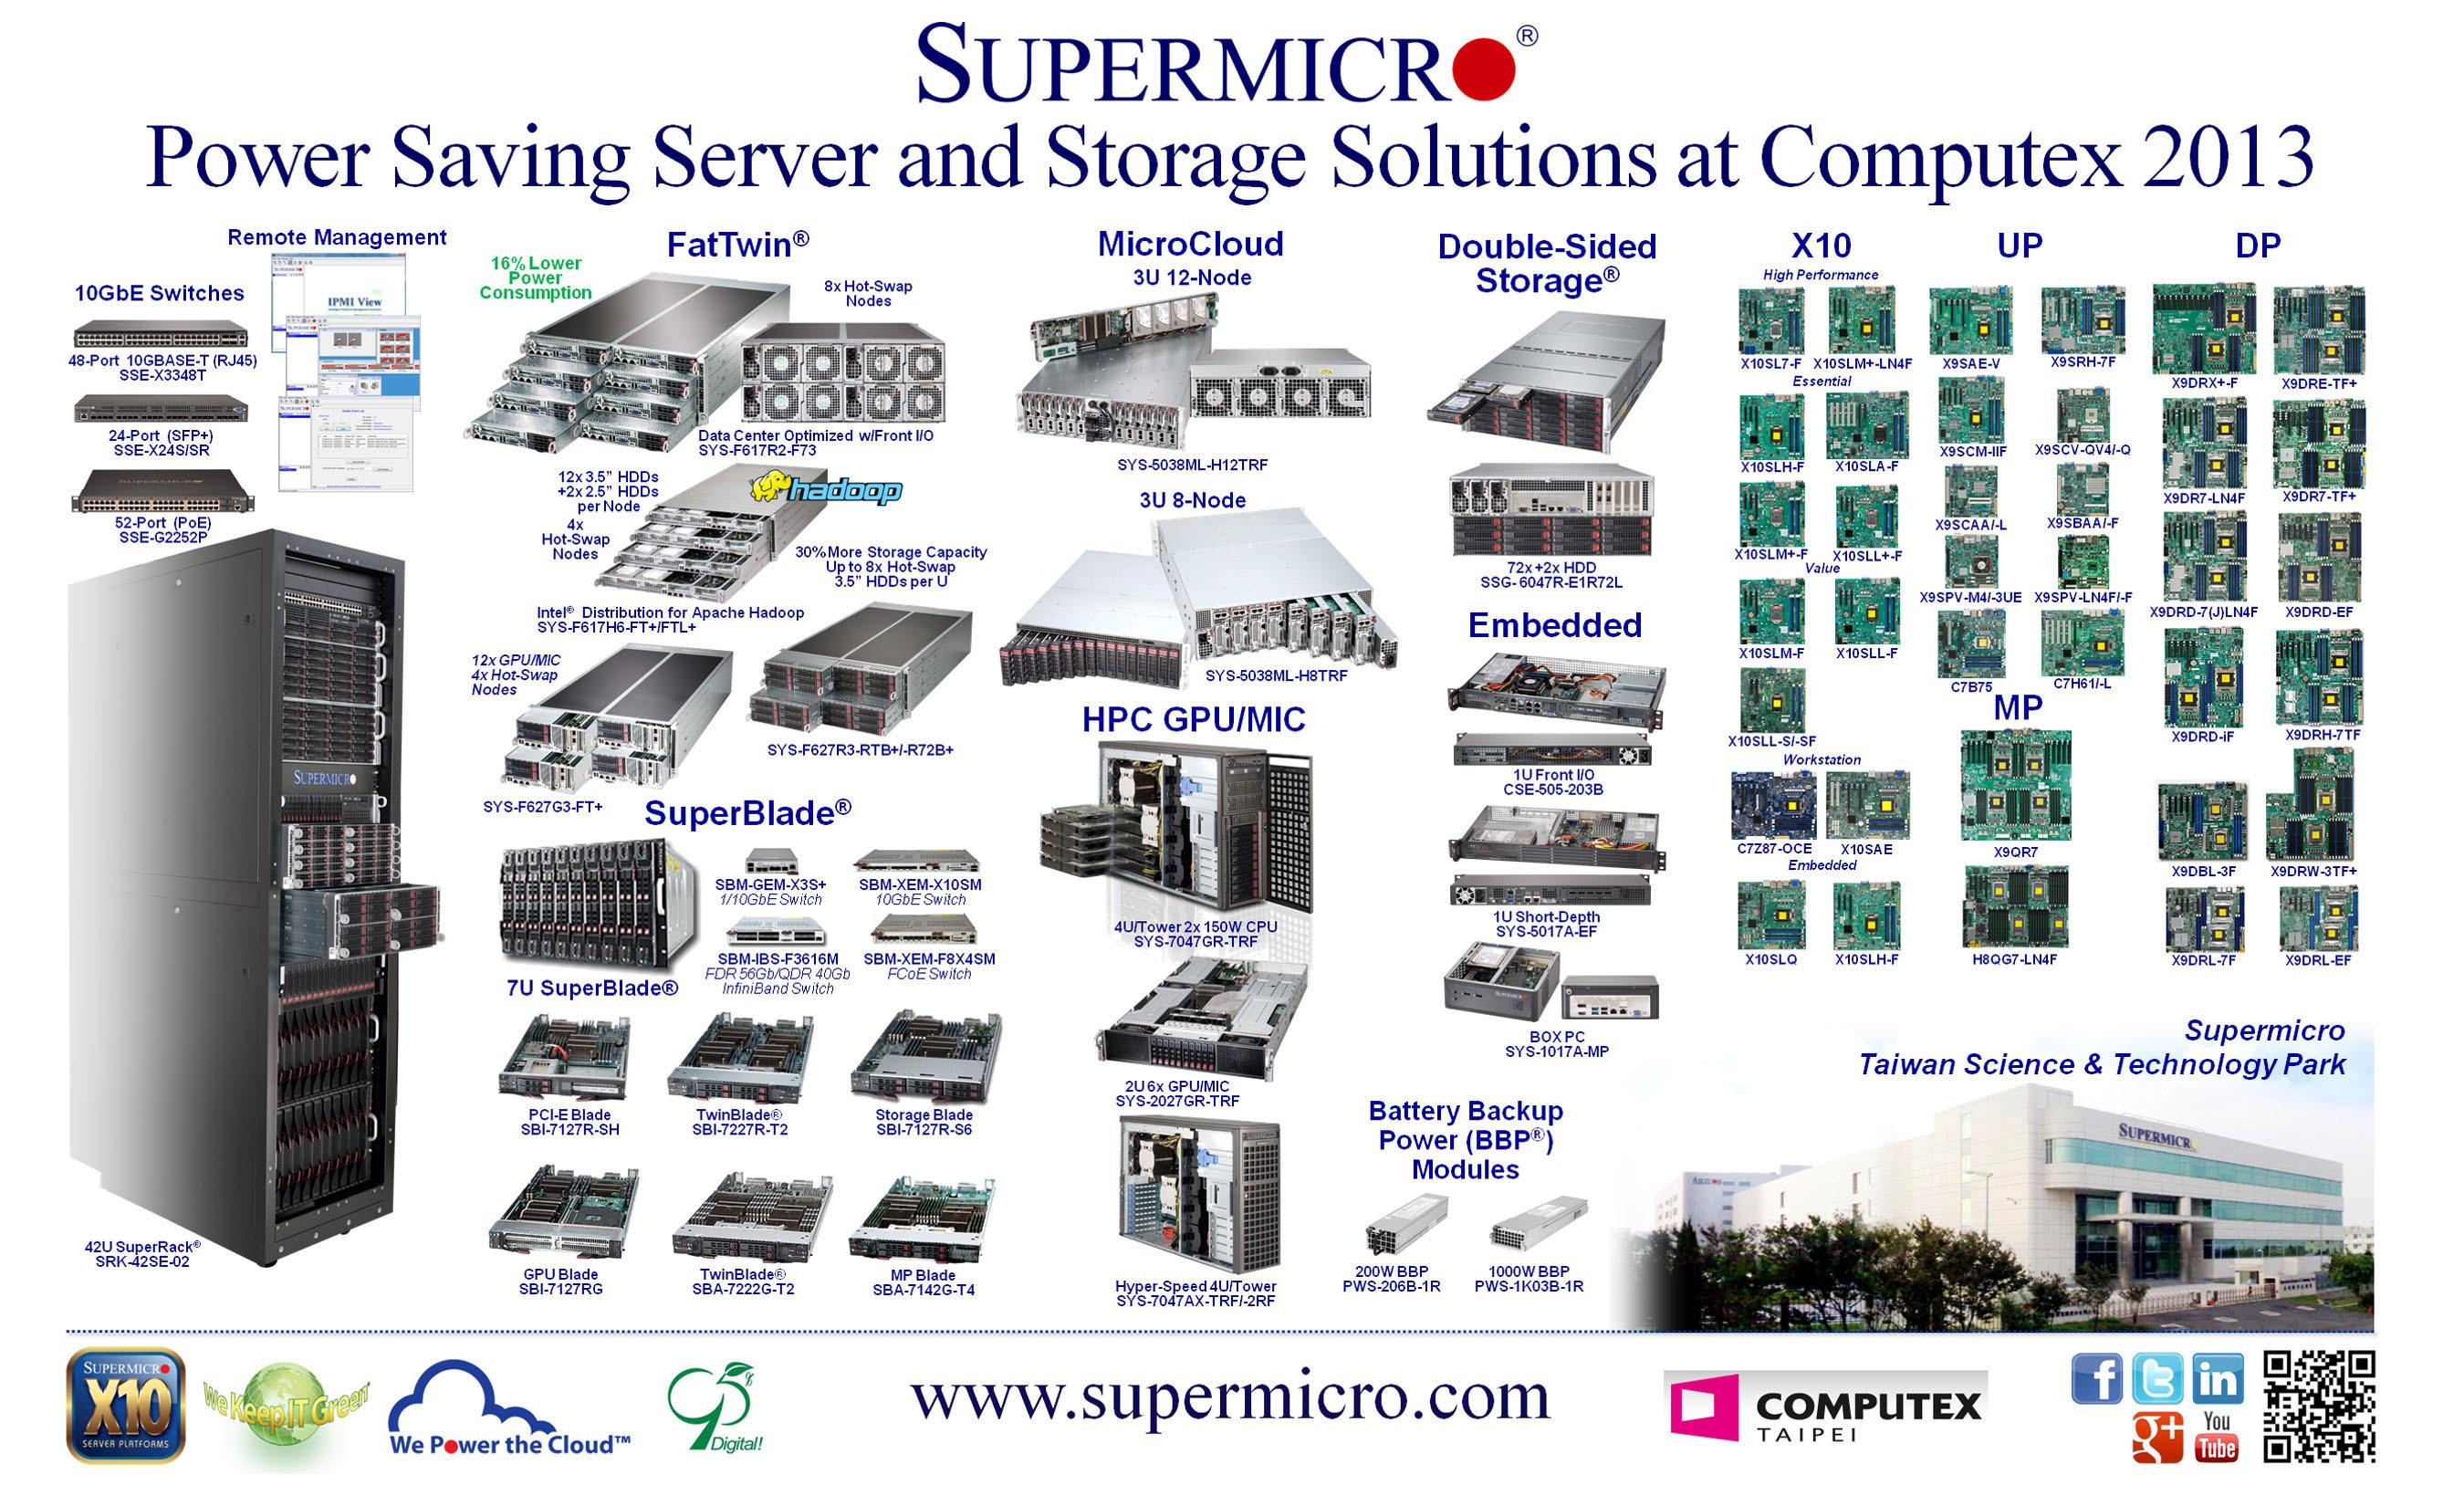 À l'occasion de Computex 2013, Supermicro présente une gamme complète de serveurs et de solutions